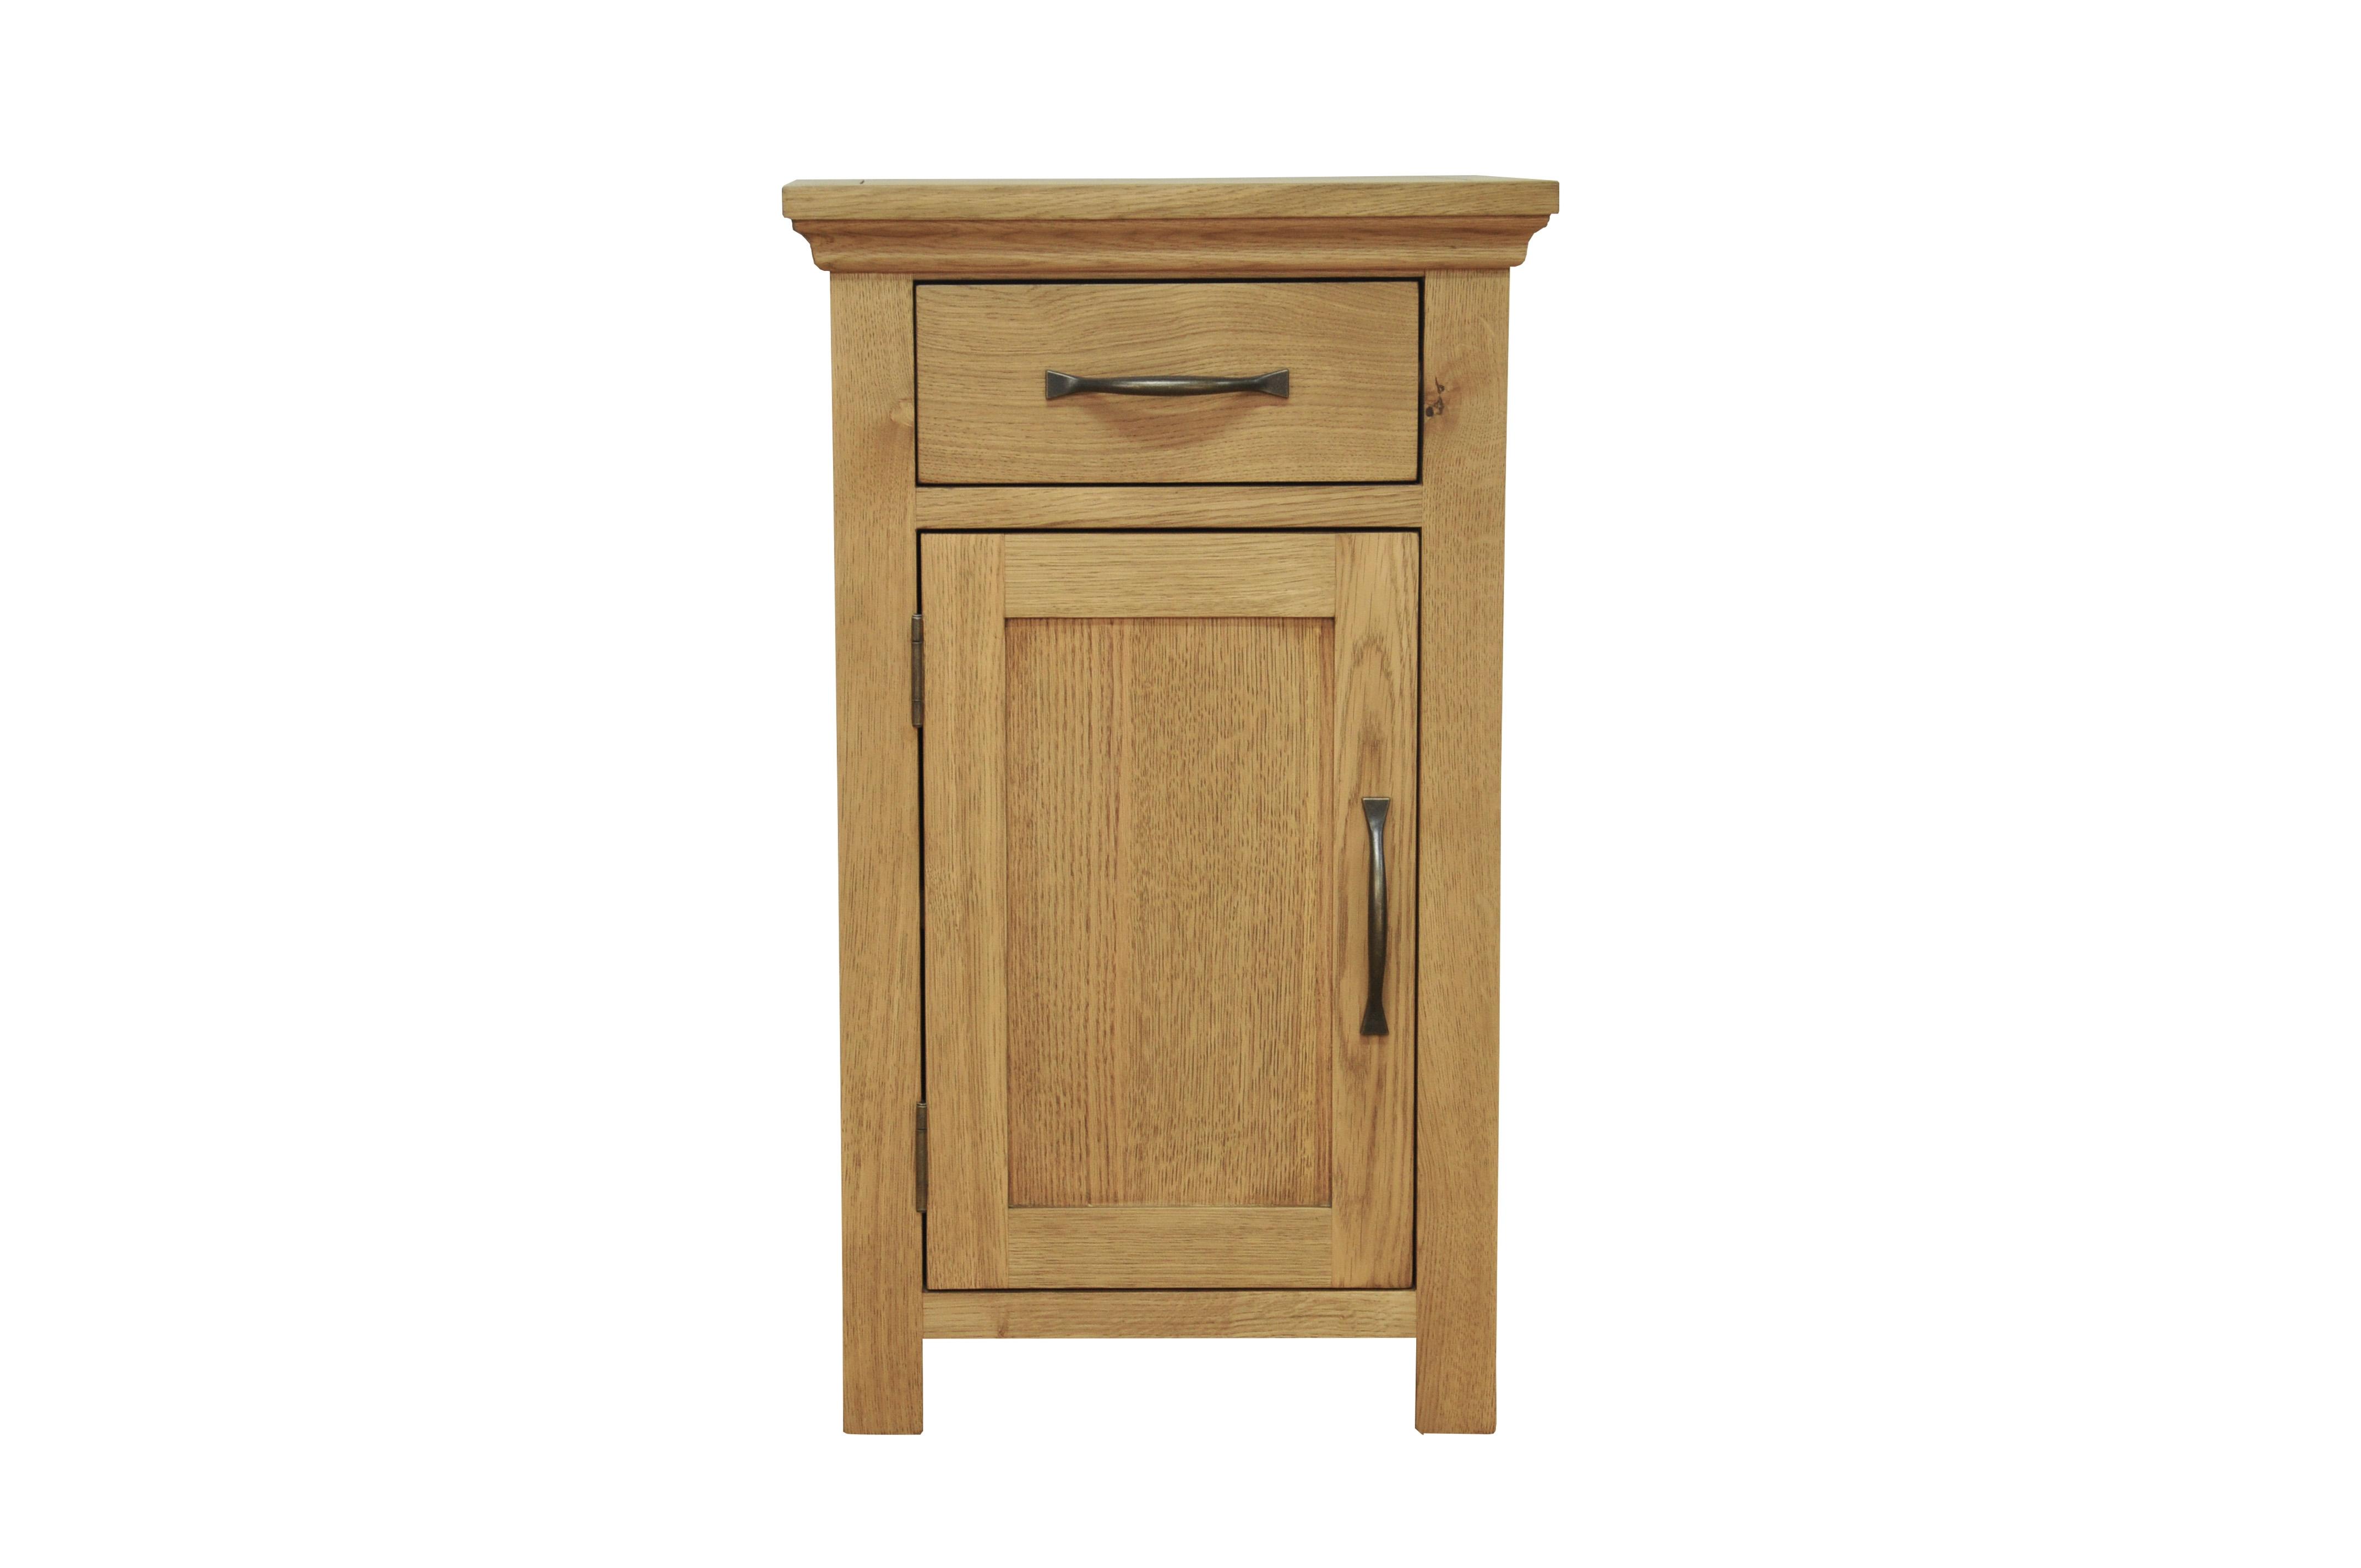 Oak Cupboard With Regard To Small Oak Cupboard (View 2 of 15)